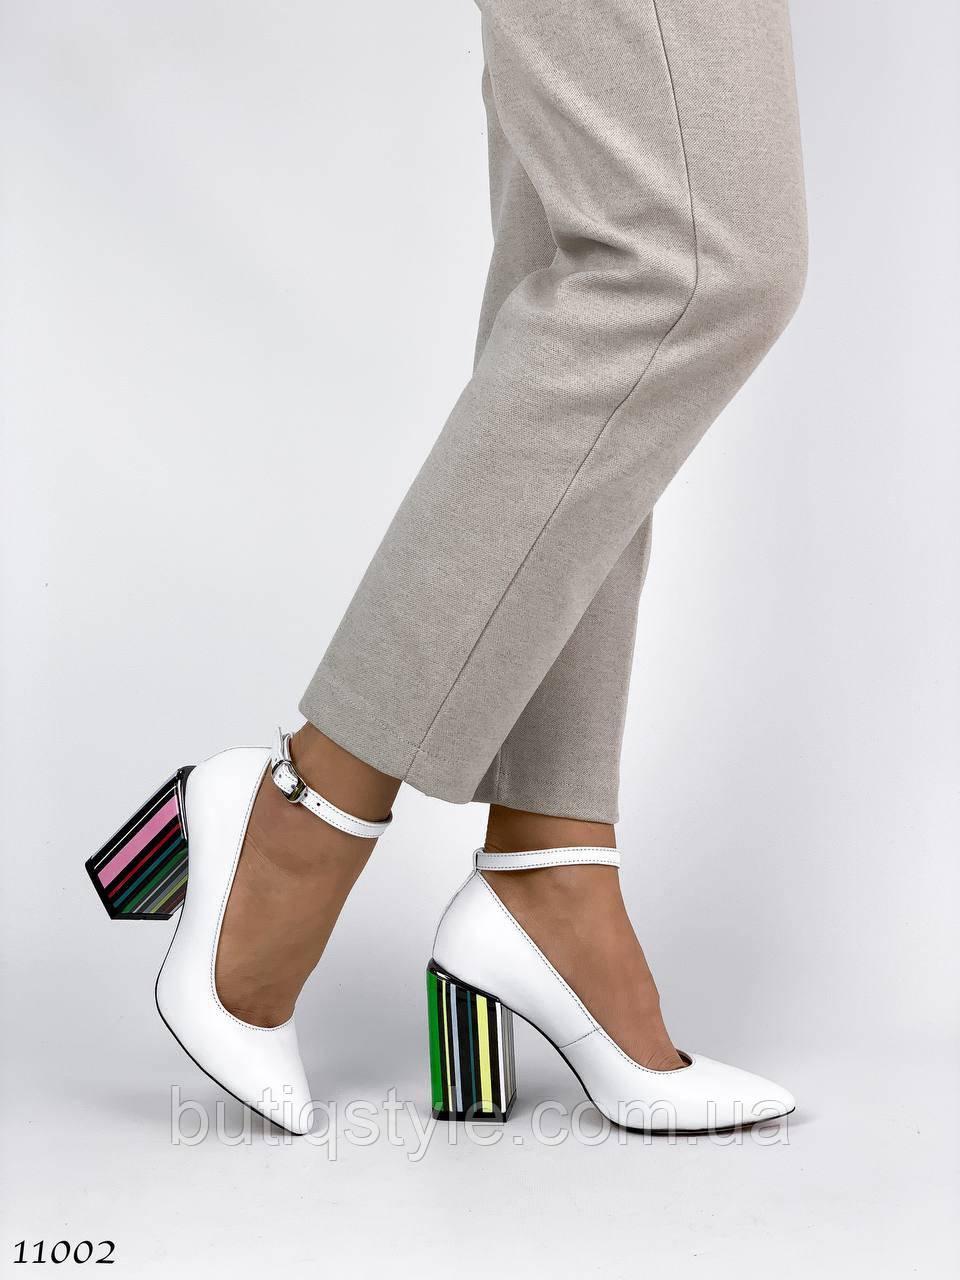 Женские белые туфли с ремешком натуральная кожа, яркий каблук